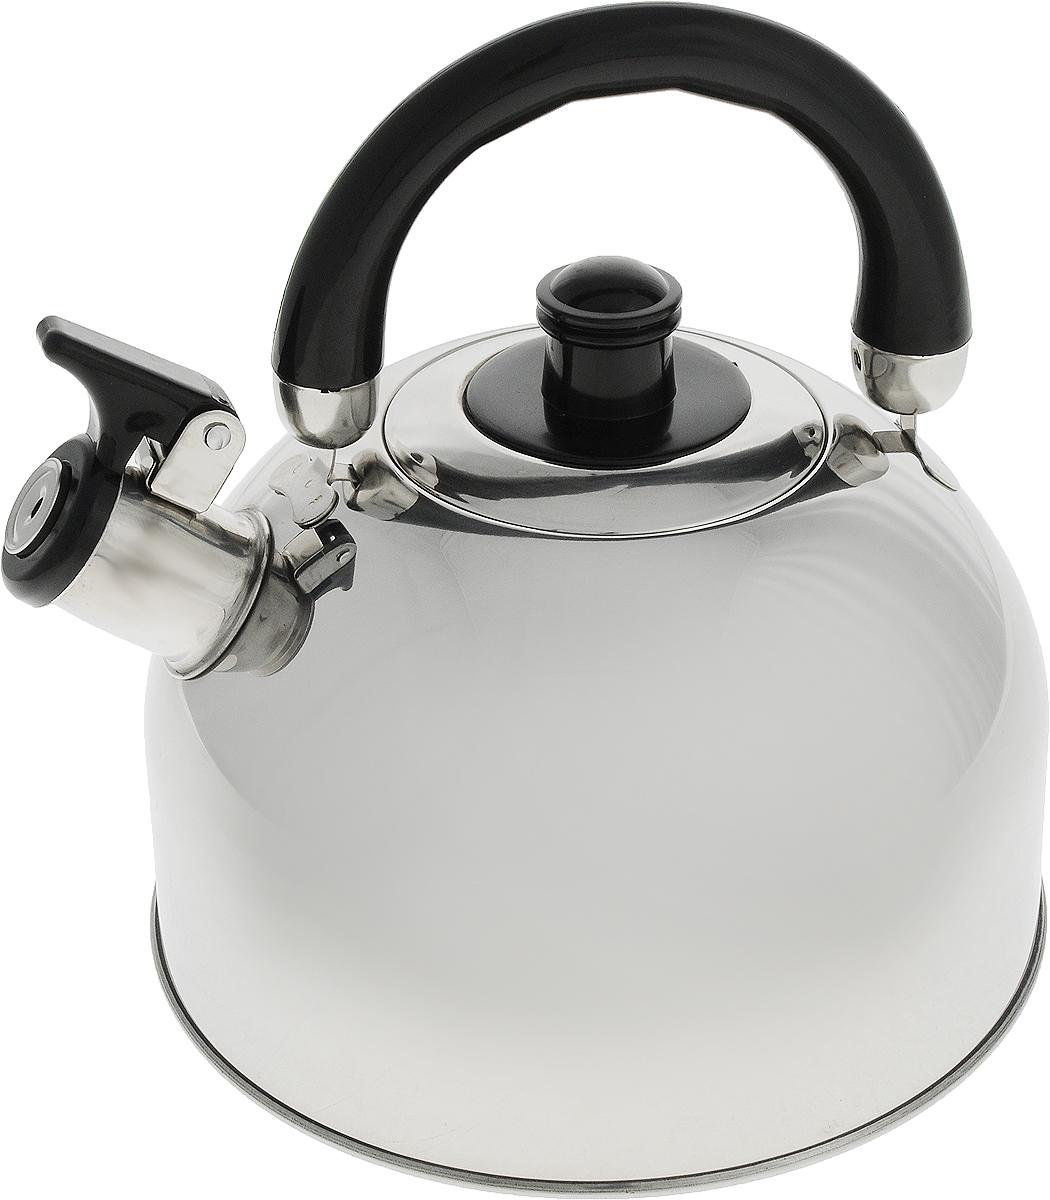 Чайник Travola, со свистком, 2,5 л. HSK-004.001HSK-004.001Чайник Travola выполнен из высококачественной нержавеющей стали, что делает его весьма гигиеничным и устойчивым к износу при длительном использовании. Носик чайника оснащен насадкой-свистком, что позволит вам контролировать процесс подогрева или кипячения воды. Чайник снабжен стальной крышкой и эргономичной бакелитовой ручкой.Эстетичный и функциональный чайник будет оригинально смотреться в любом интерьере.Подходит для всех типов плит, включая индукционные. Высота чайника (с учетом ручки и крышки): 21 см.Диаметр чайника (по верхнему краю): 9 см.Диаметр индукционного дна: 19 см.